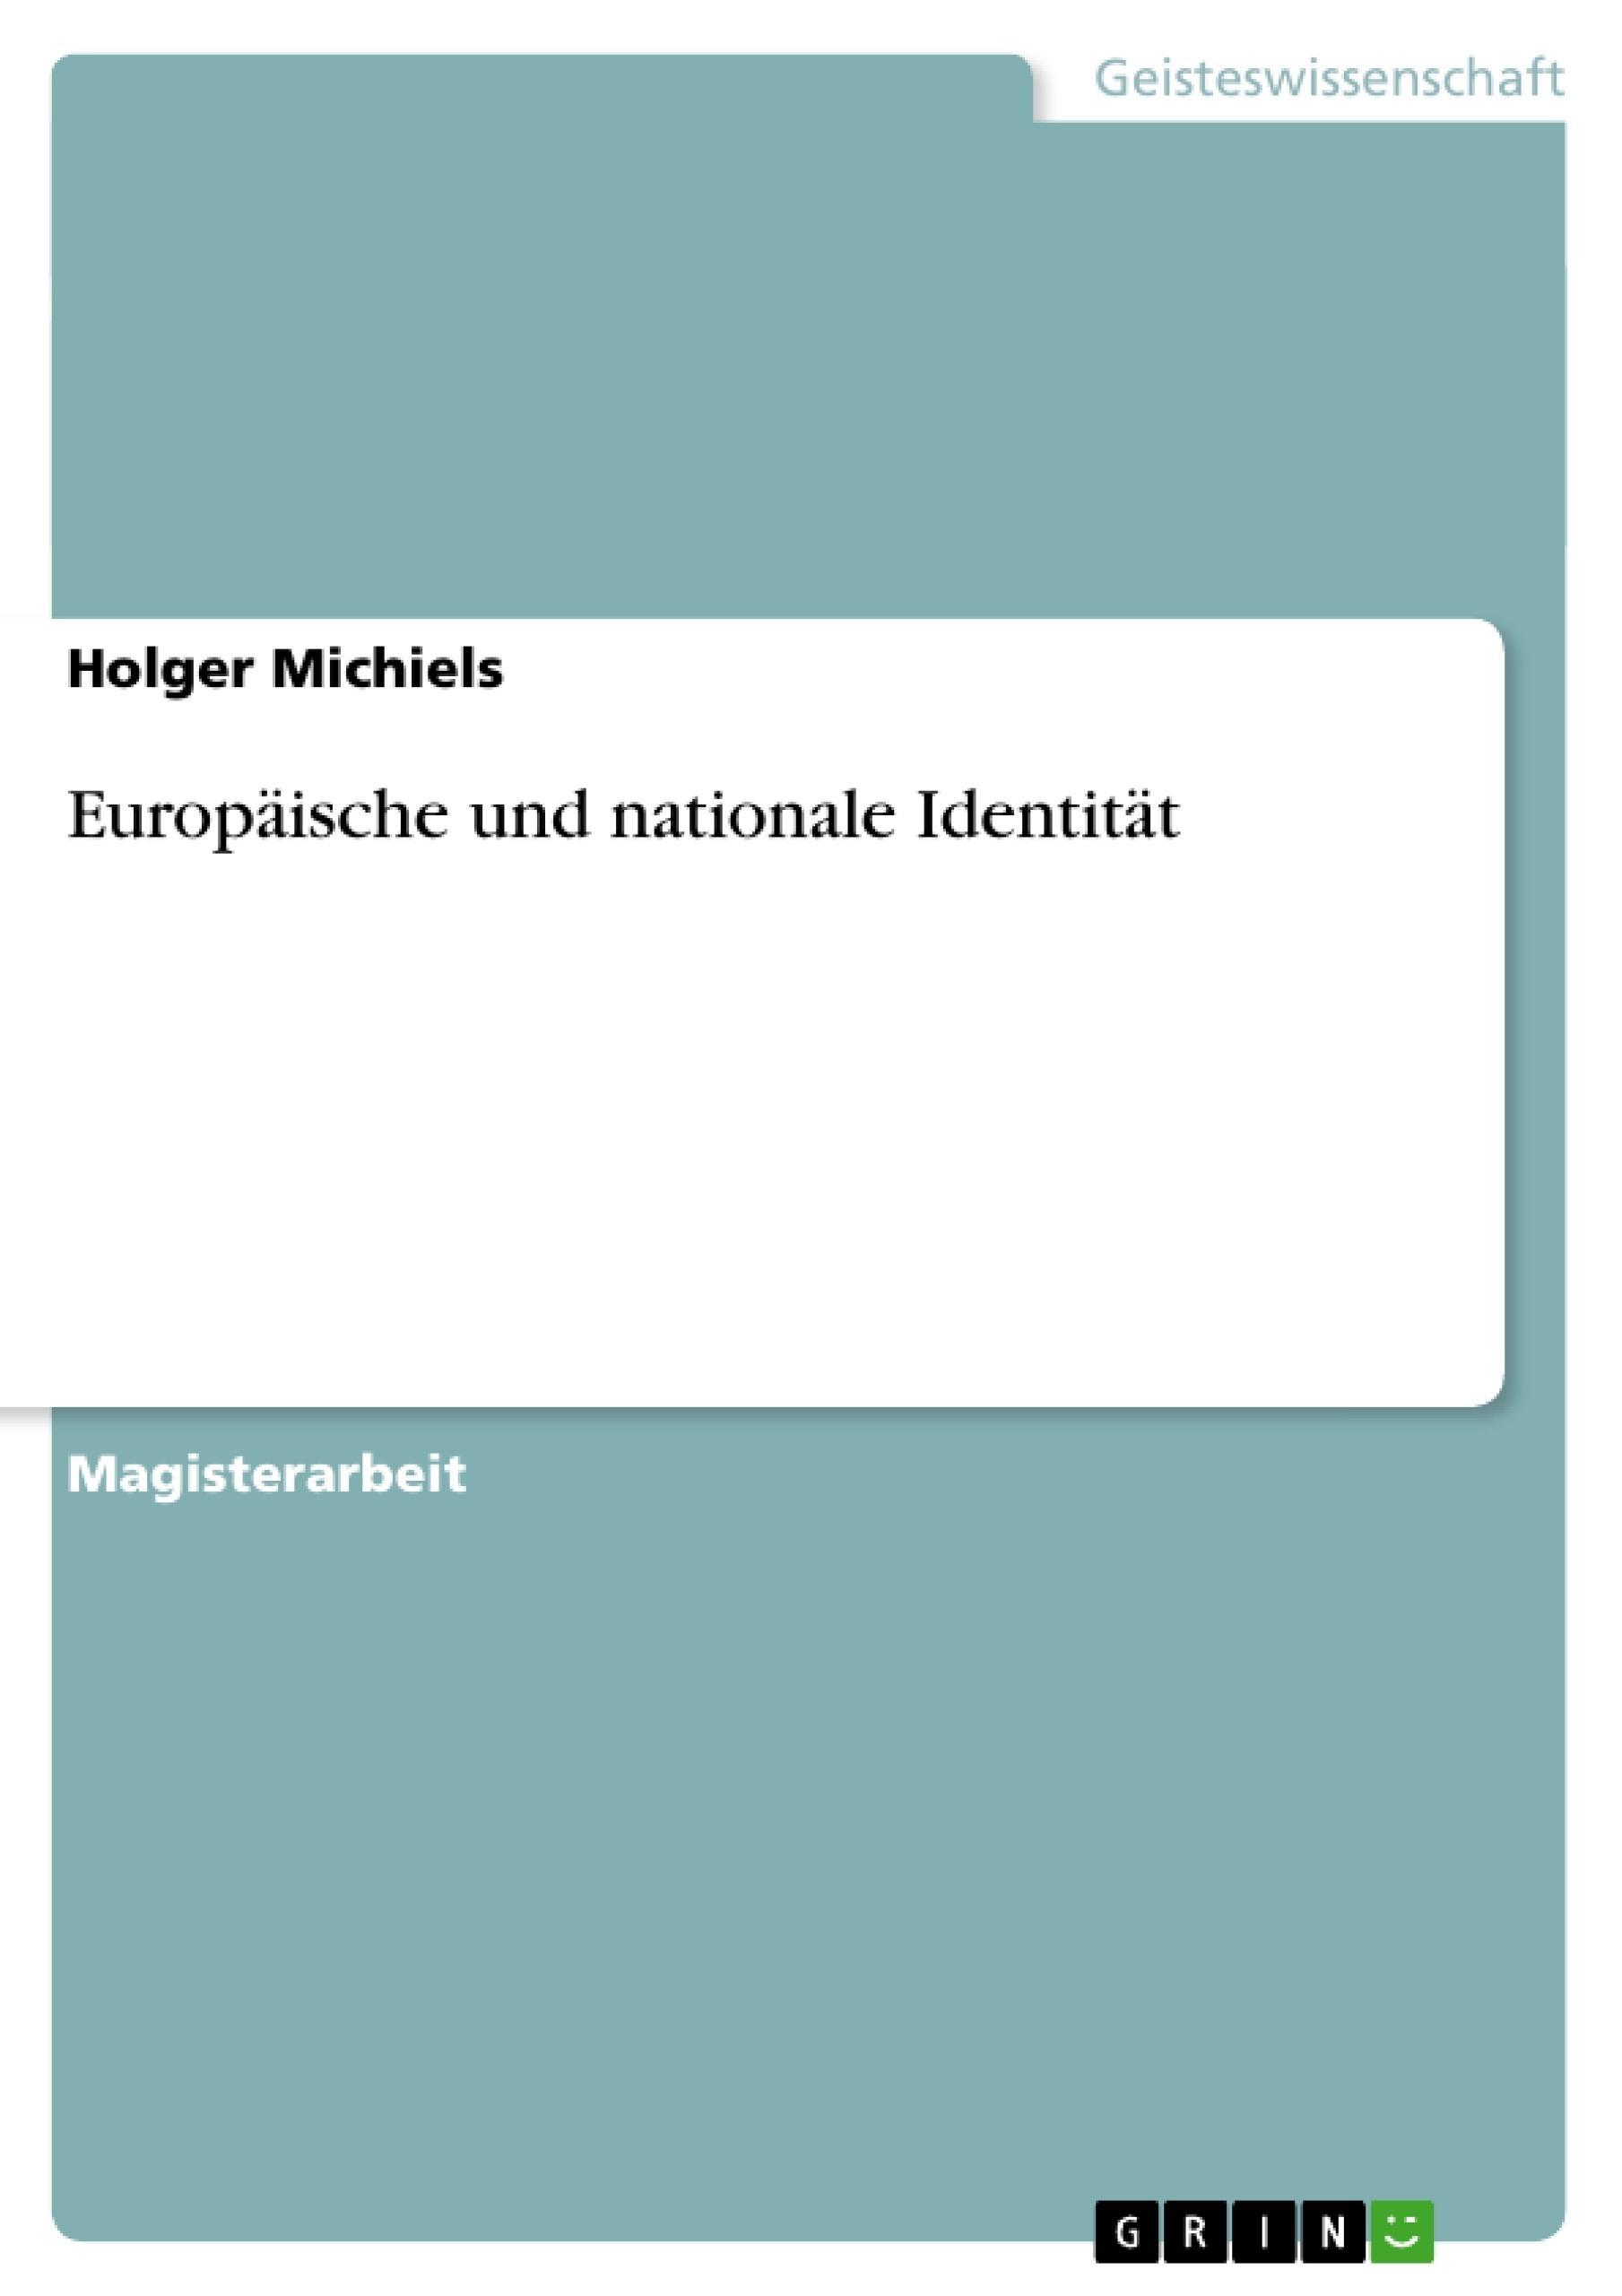 Titel: Europäische und nationale Identität